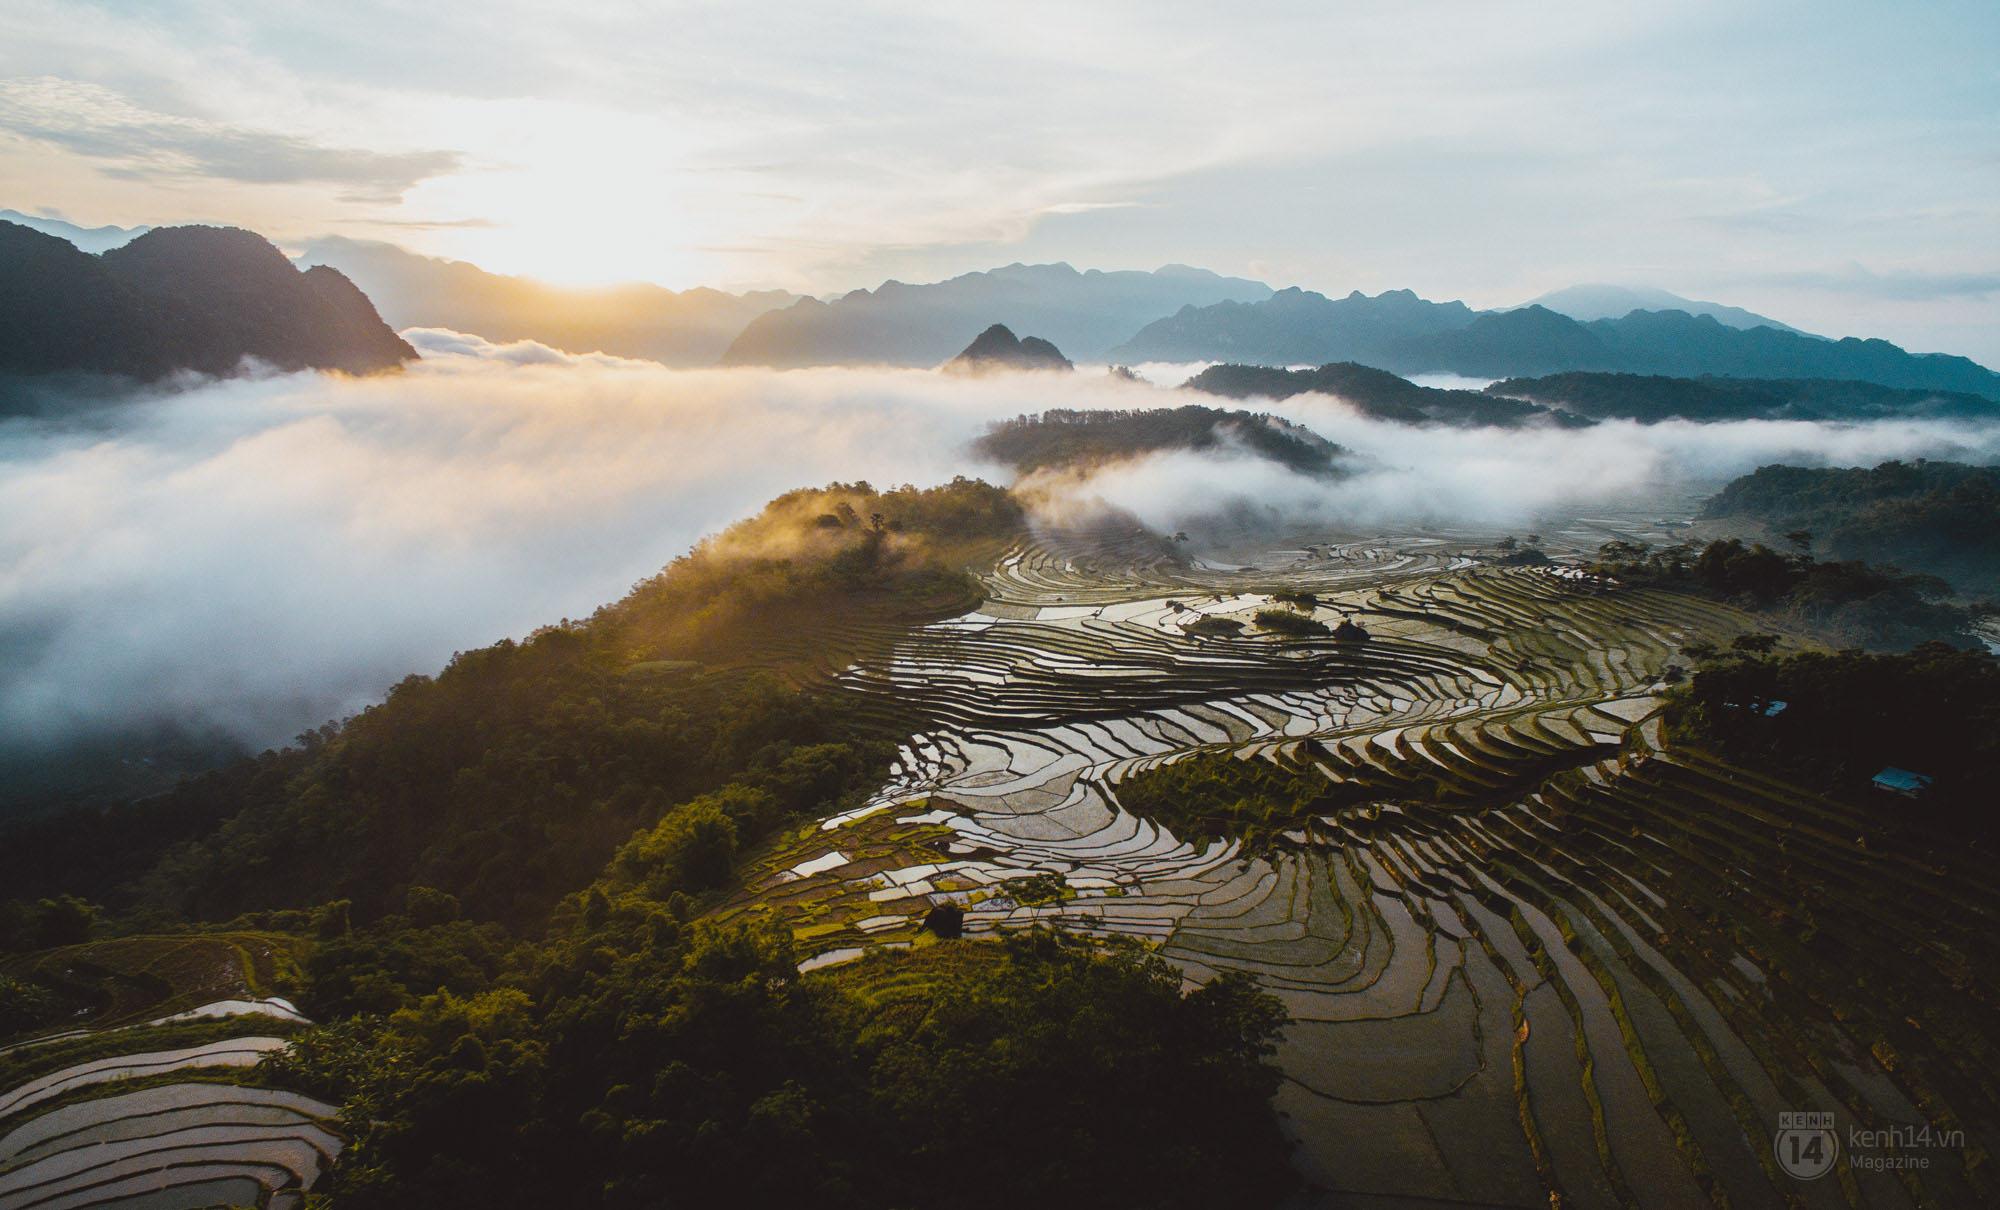 contentviet.com - Tất cả thông tin du khách nên tham khảo khi đi tới Pù Luông